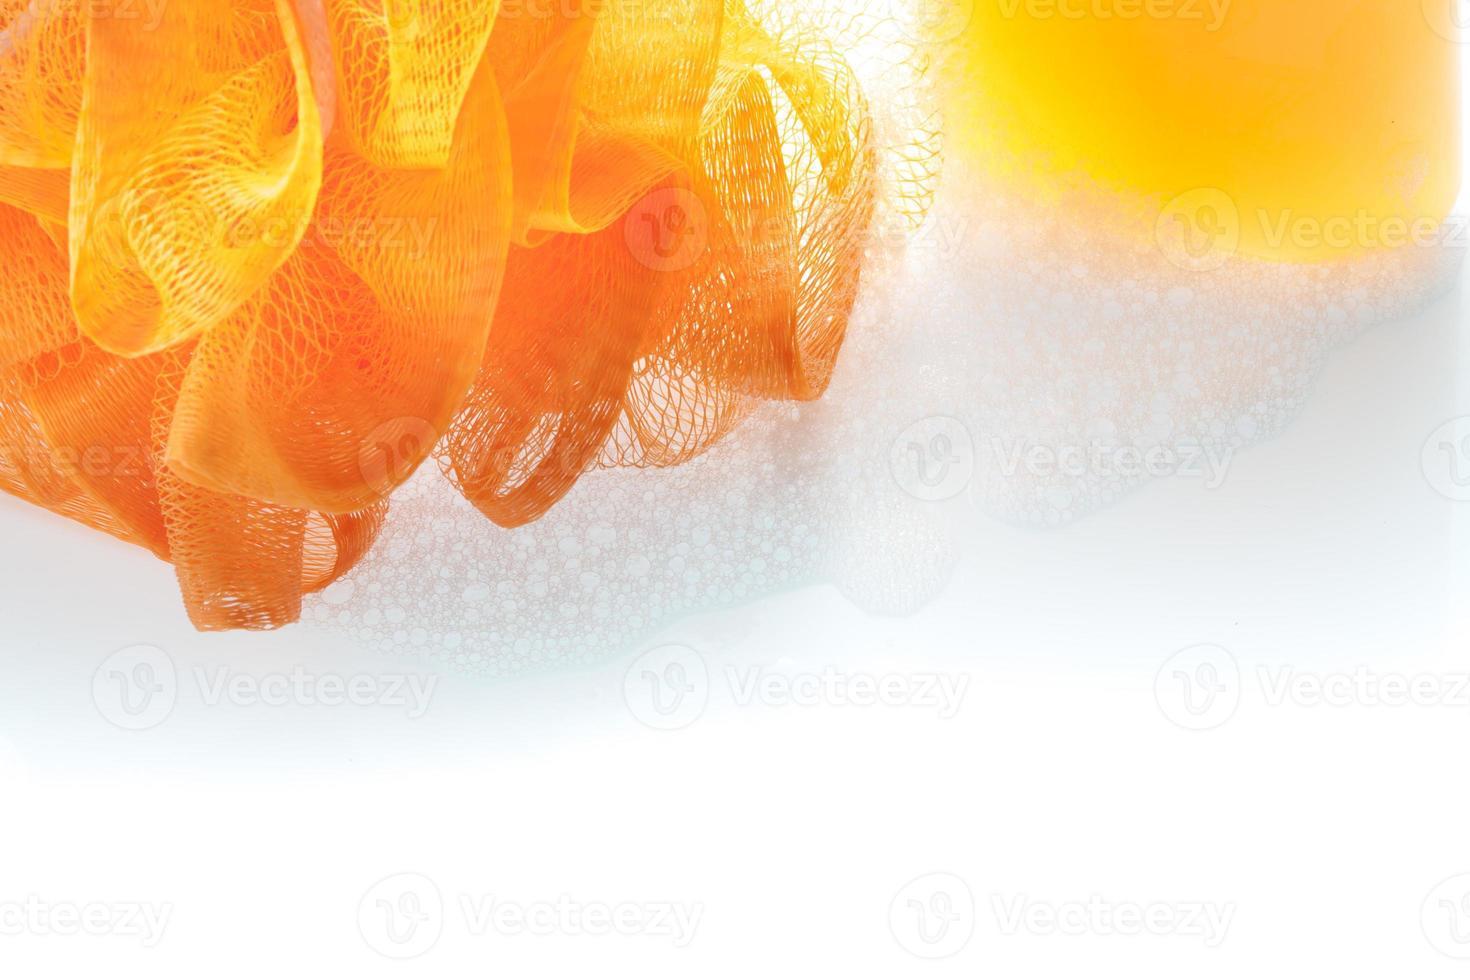 Orangenfaser-Peeling und Duschgel mit Blase auf Weiß foto